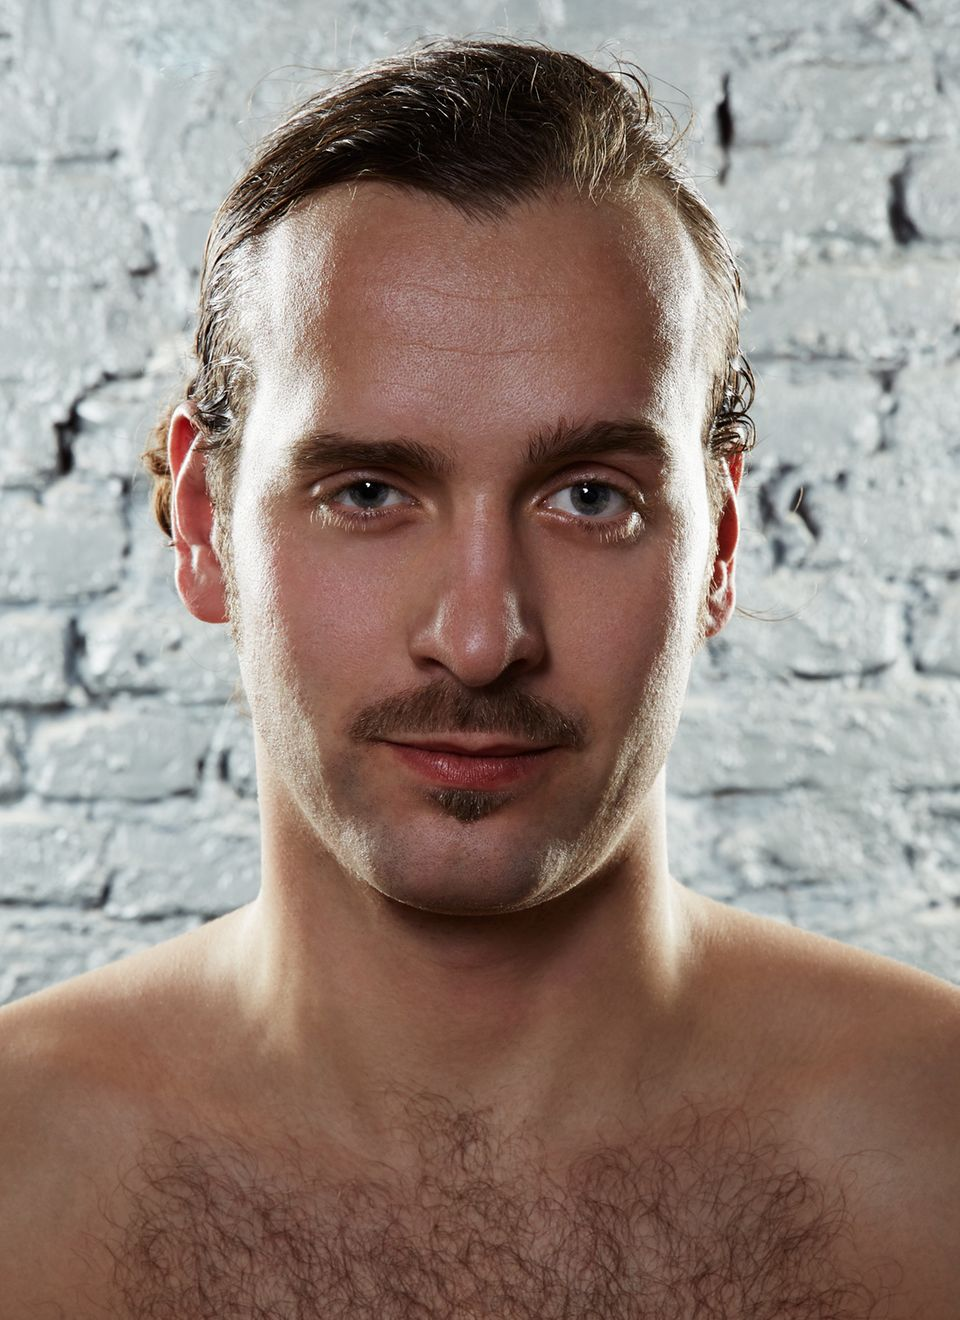 """Der Retro-Schnauzer   Berühmte Vorbilder Tom Selleck alias Magnum, Christoph Daum, Horst Schlämmer.   Geeignet für Bewohner aus Berlin-Mitte, Männer, die selten Pils trinken oder die – in Kombination mit starker Körperbehaarung - viel Sex ausstrahlen wollen.   So geht's  Egal ob Sie sich einen Zwirbel-, Walross- oder Menjou-Bart züchten: Um dem O-Li-Ba wieder zu uneingeschränkten Ehren zu verhelfen, muss der Rest des Gesichts glatt rasiert werden. Beim Konturieren unbedingt eine kleine Bartschere verwenden! Und achten Sie darauf, dass die Nasenhaare kurz gestutzt sind und der Oberlippenbart zu den Seiten hin schmal ausläuft. Übrigens sorgt ein kleines Dreieck unterhalb der Unterlippe für einen weicheren und harmonischeren Look.   Silvios Fazit: """"D'Artagnan lässt grüßen!"""""""